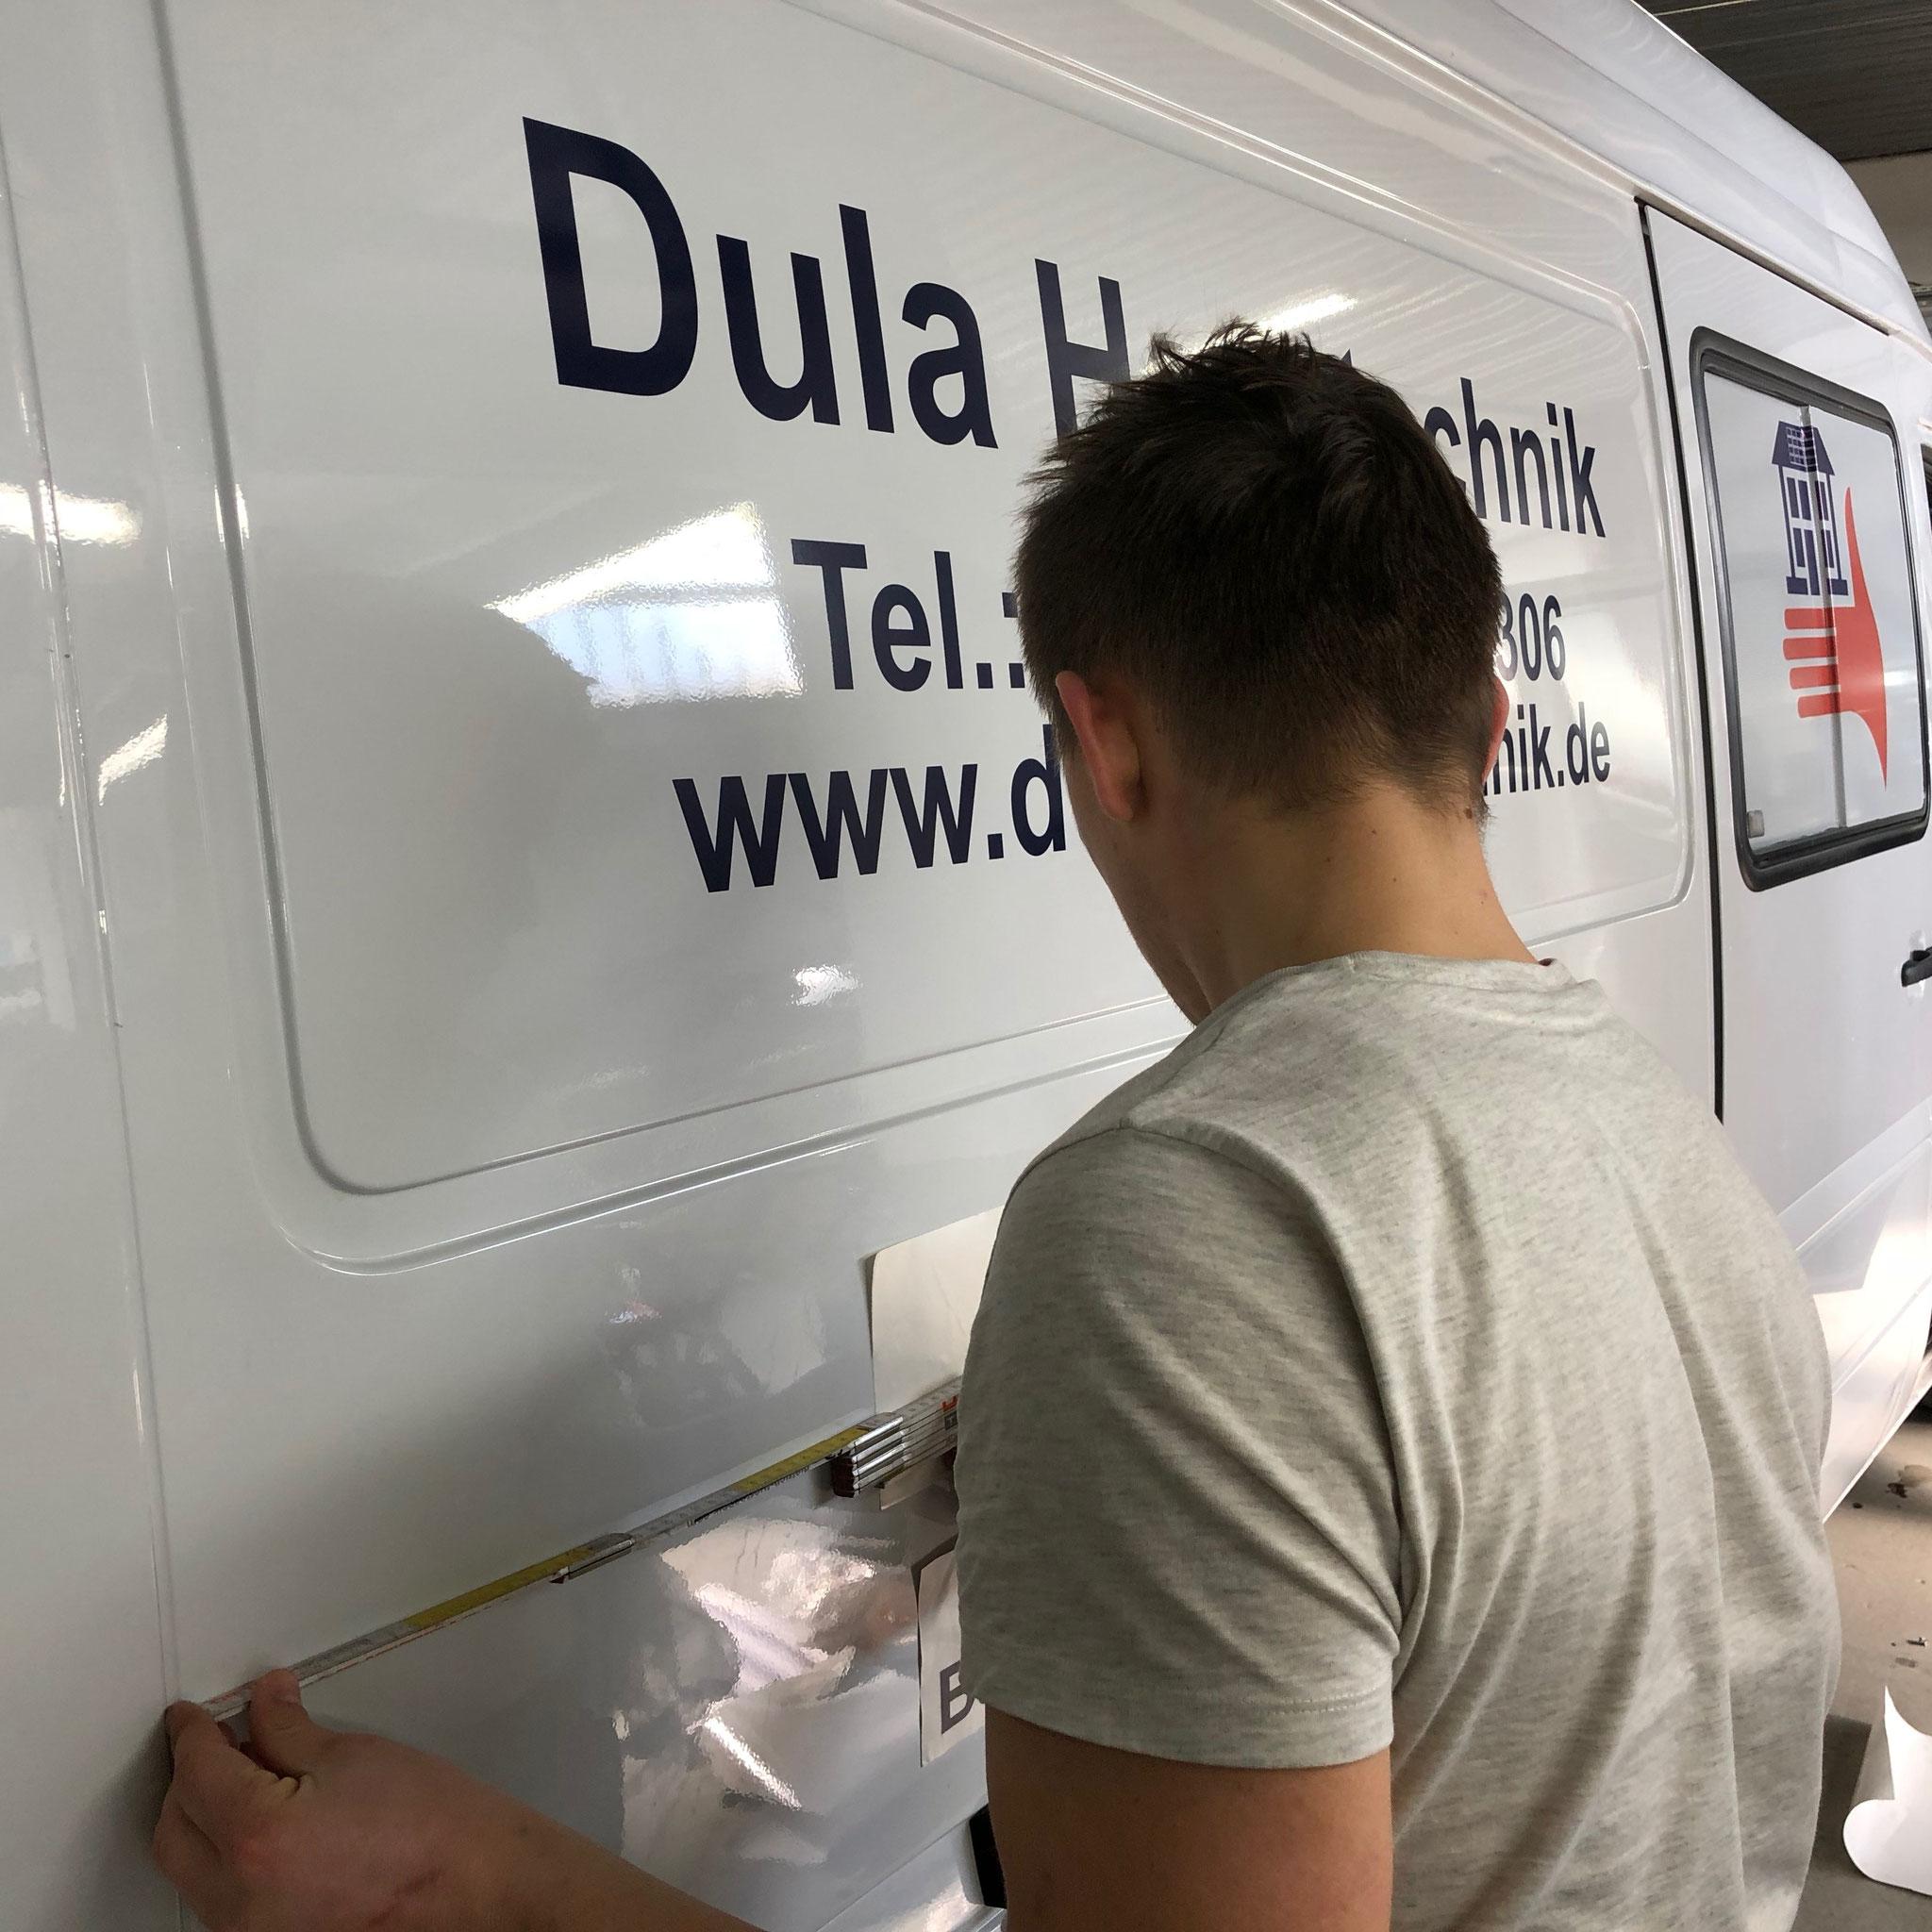 Dula Haustechnik Transporter Beschriftung in München